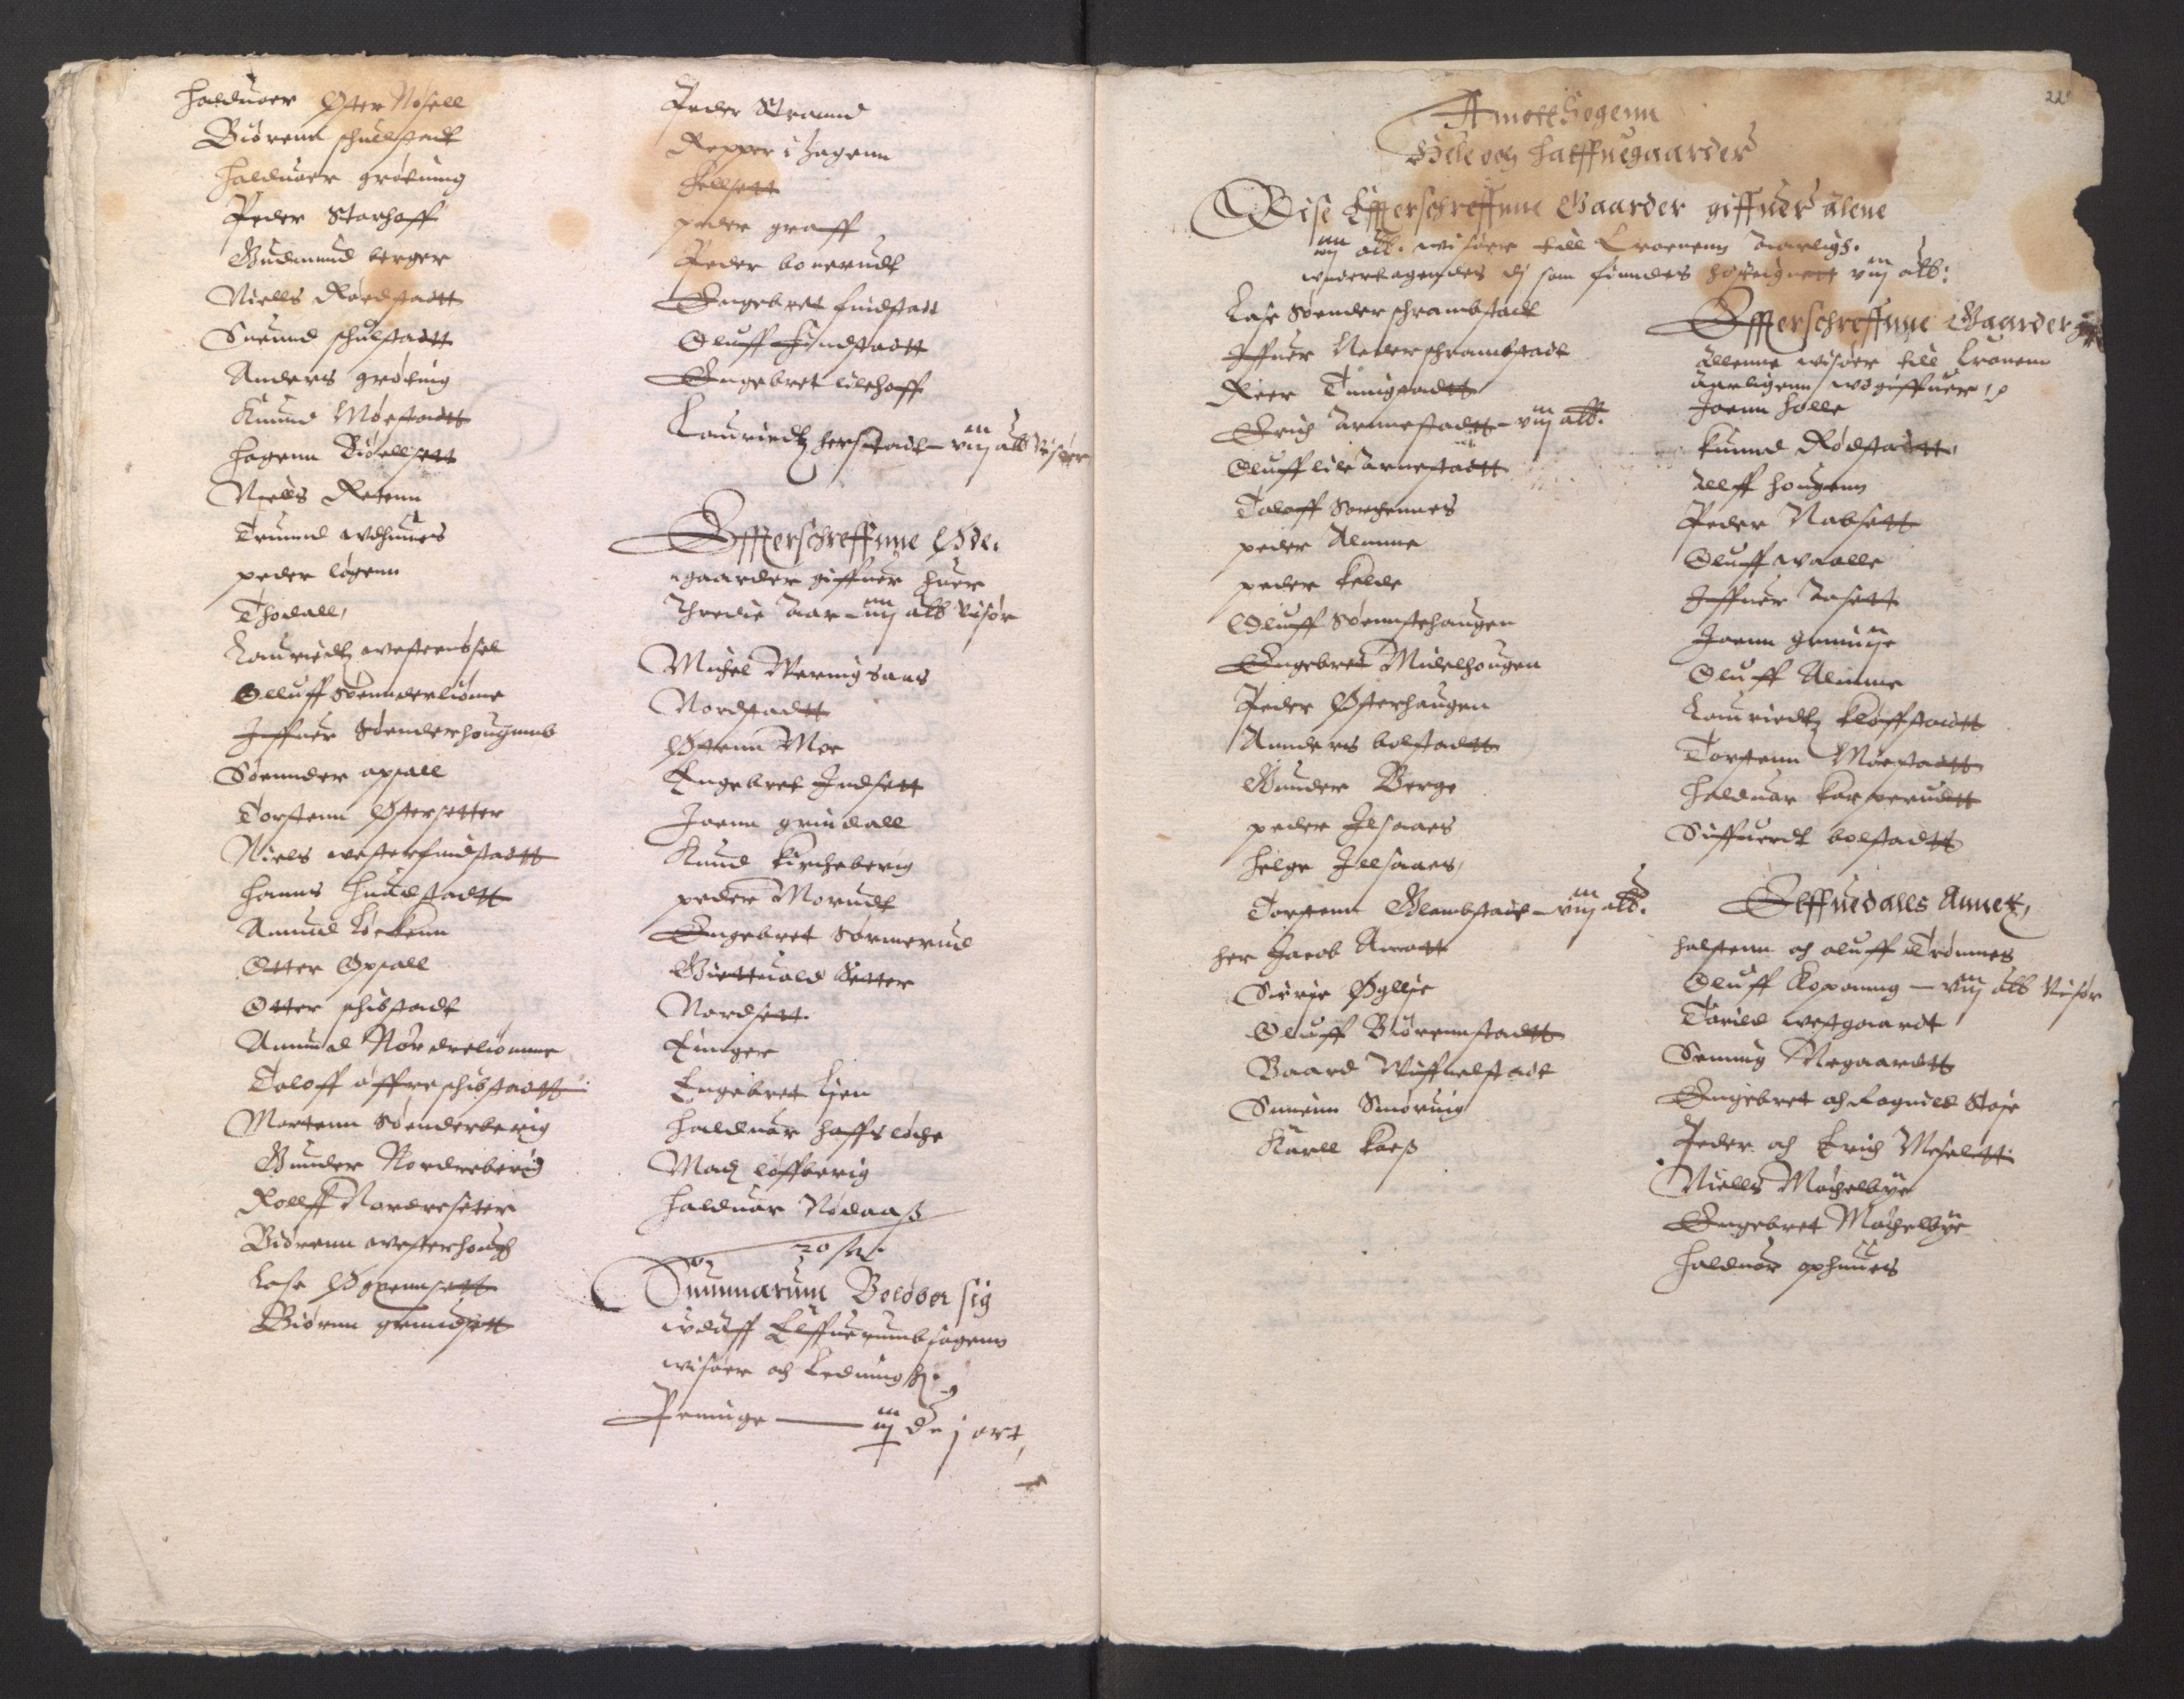 RA, Stattholderembetet 1572-1771, Ek/L0001: Jordebøker før 1624 og til utligning av garnisonsskatt 1624-1626:, 1624-1625, s. 62